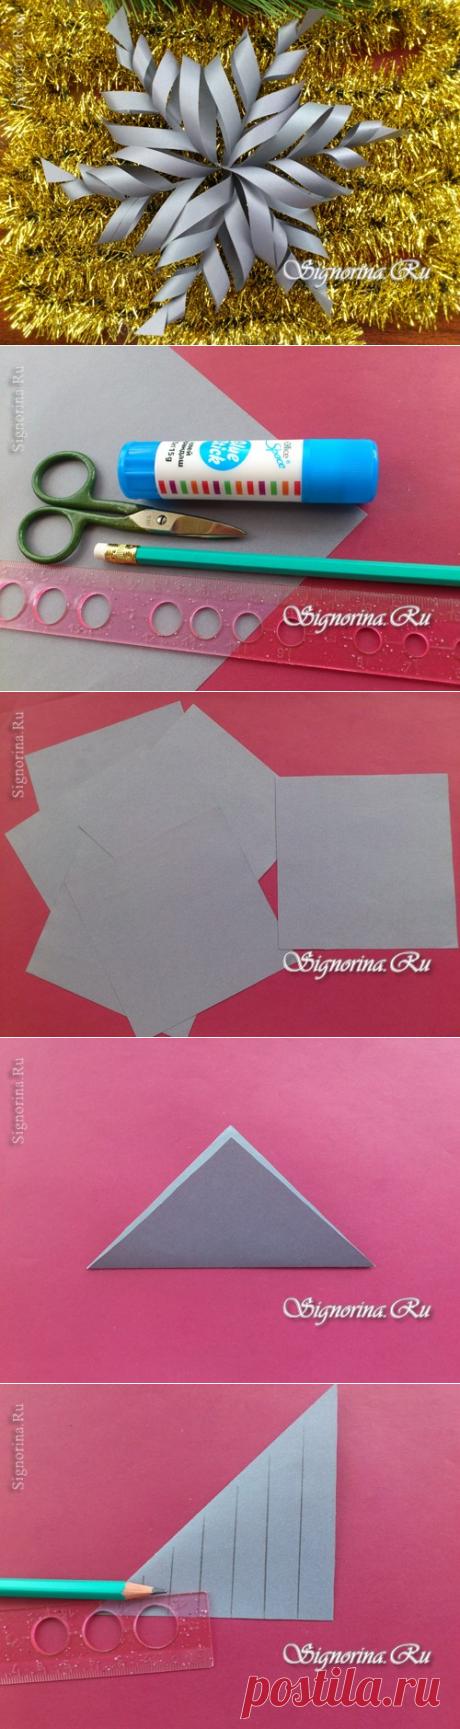 Как сделать необычную объёмную снежинку из бумаги своими руками